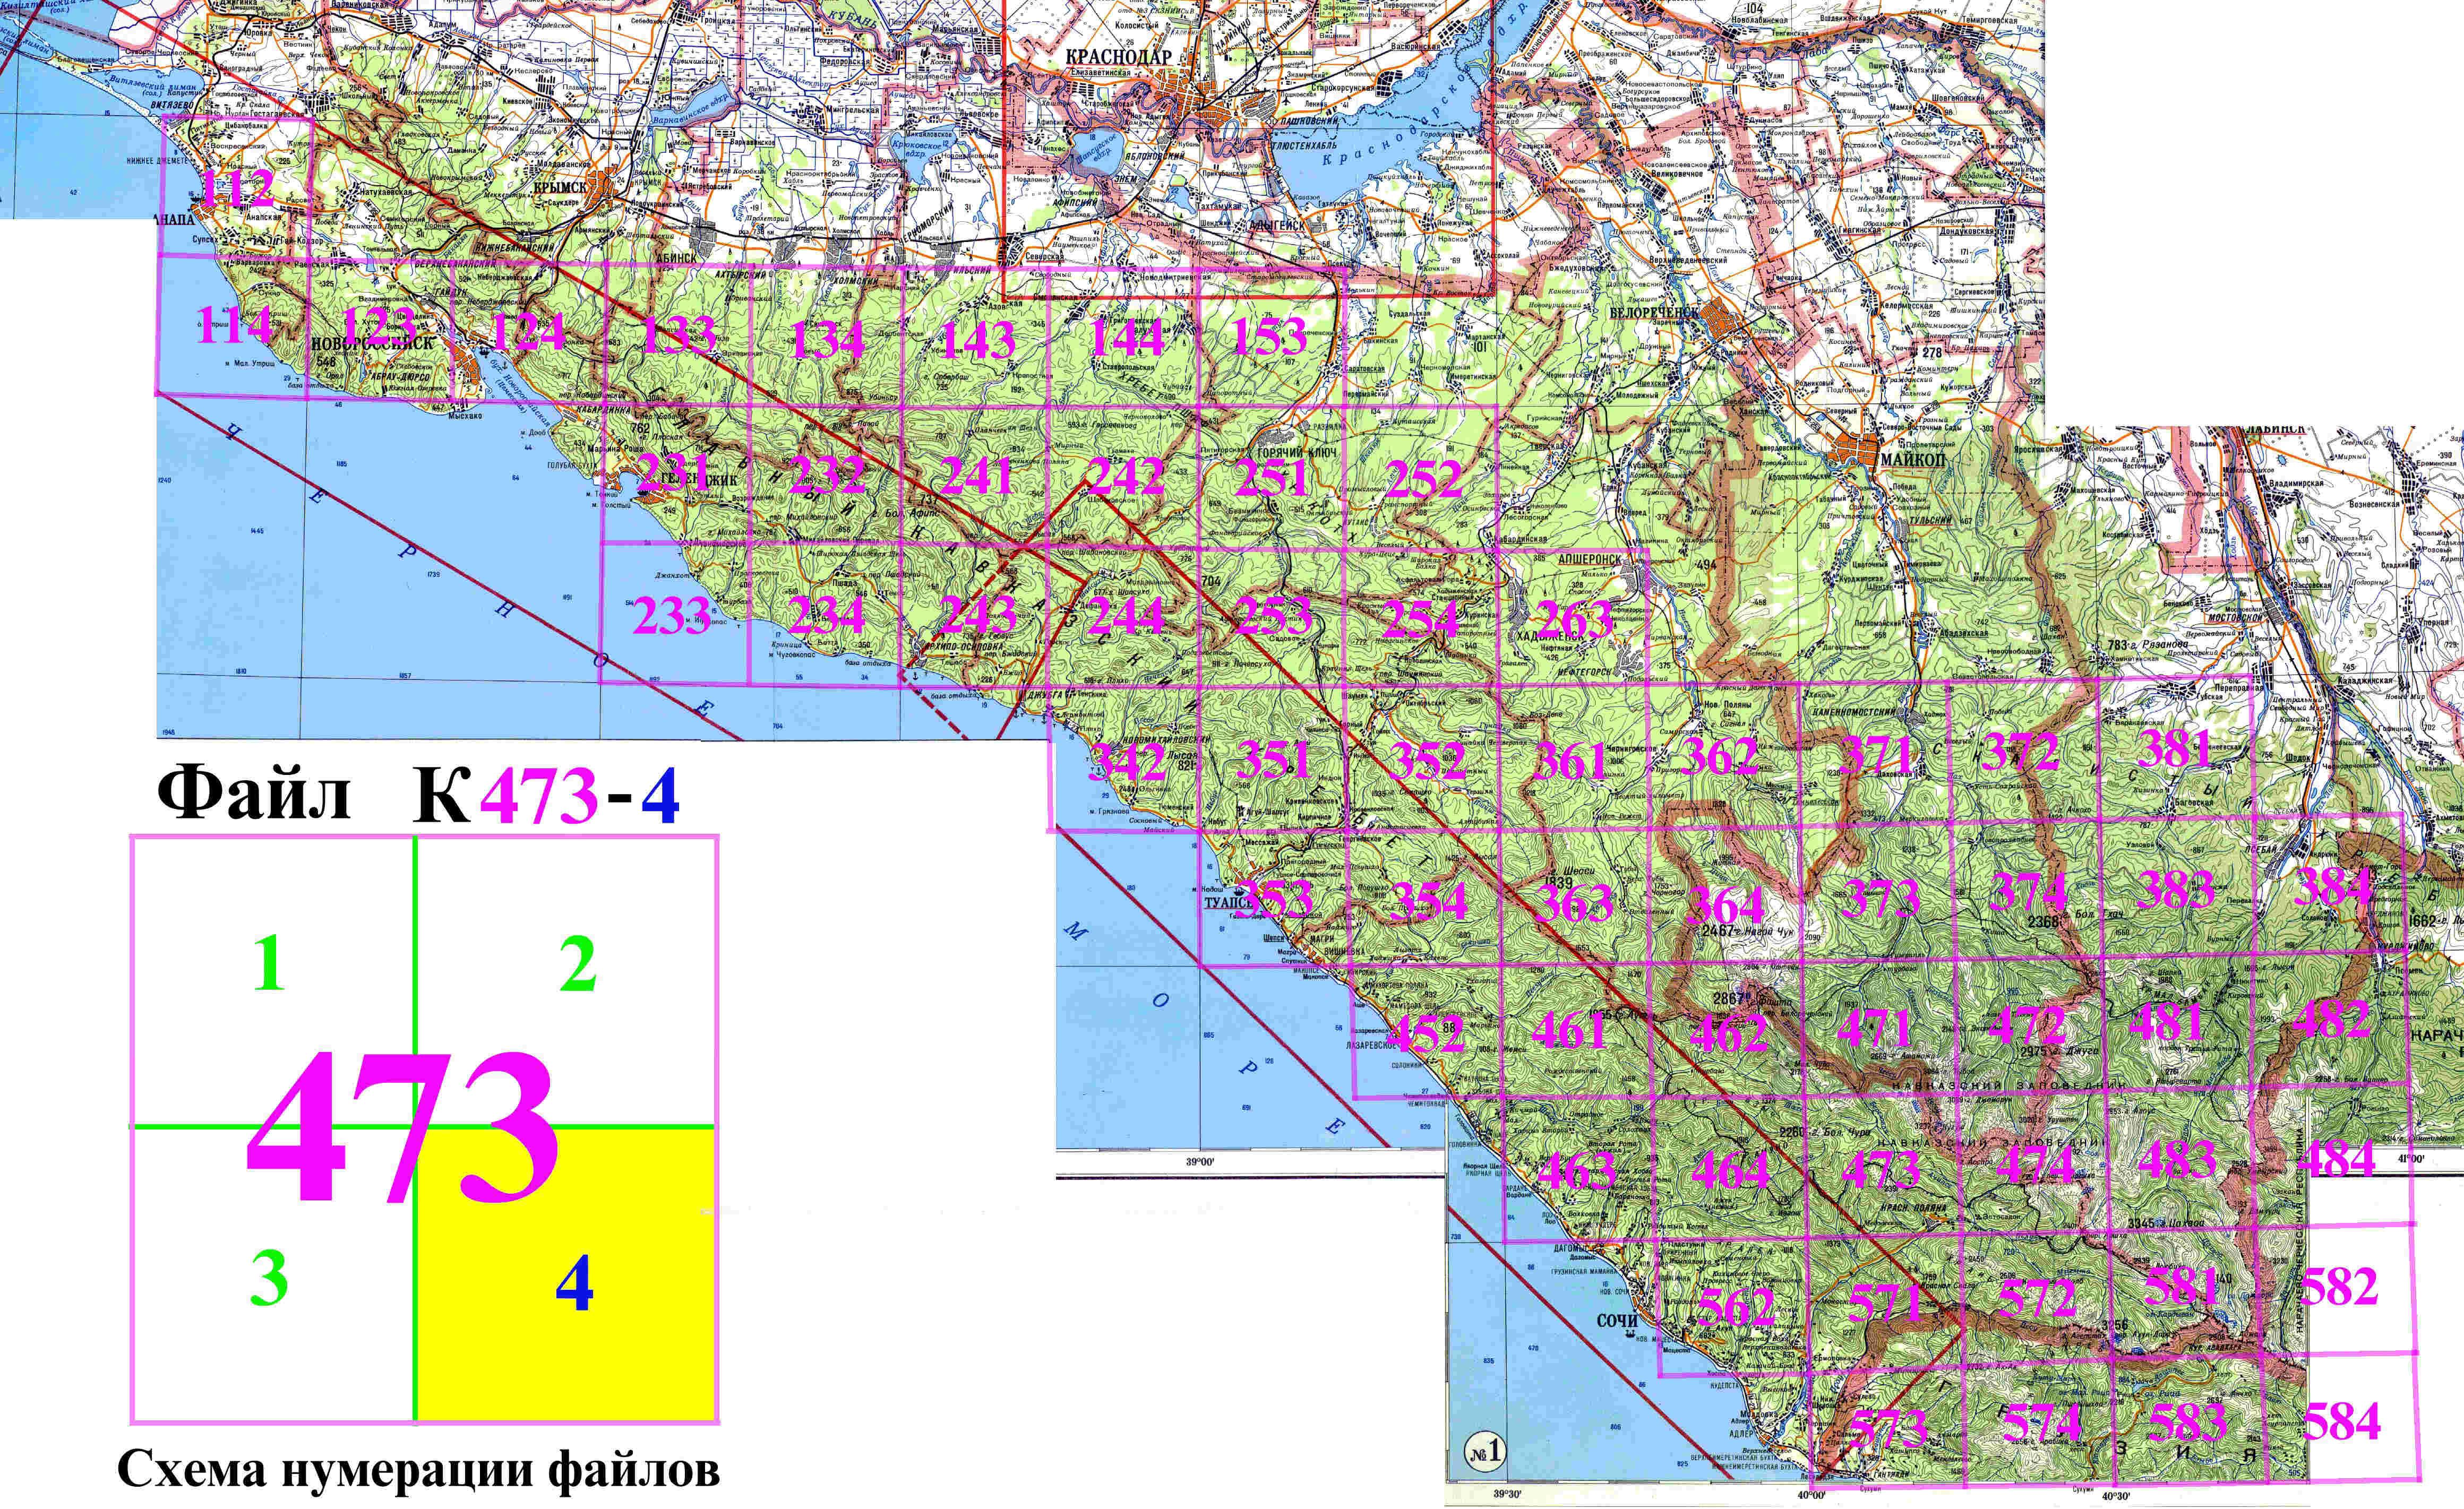 Подробная карта Краснодарского края полукилометровка 1:50 000 топографическая крупномасштабная.